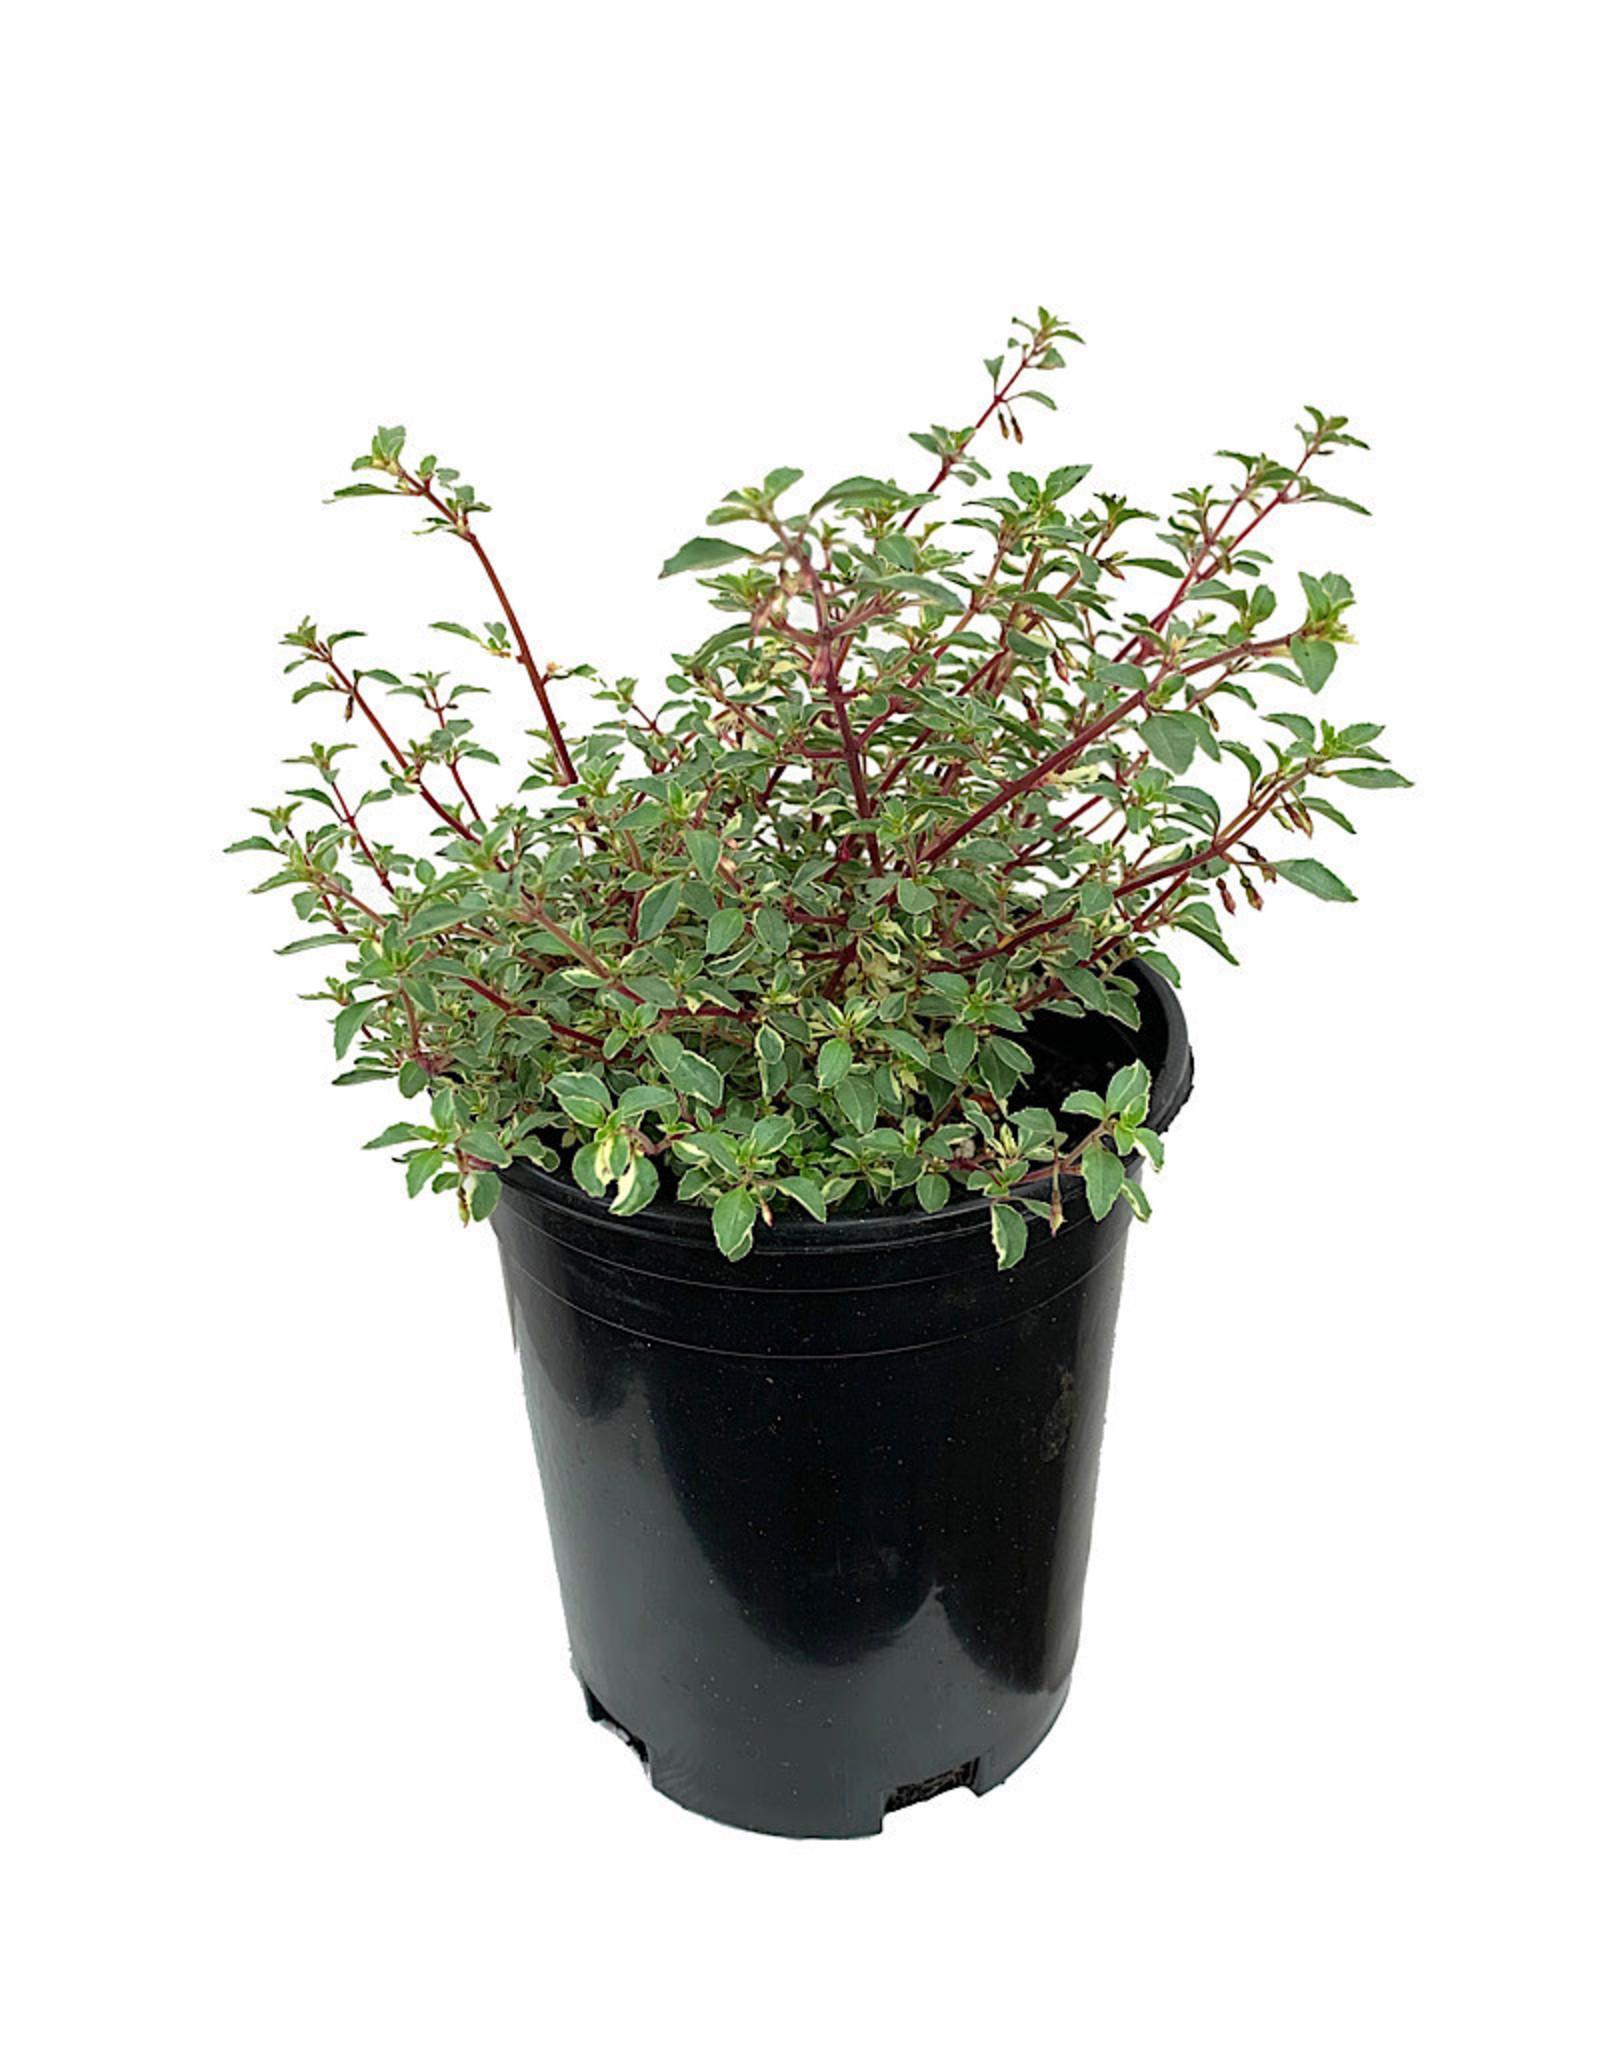 Fuchsia v. 'Lottie Hobby' 1 Gallon